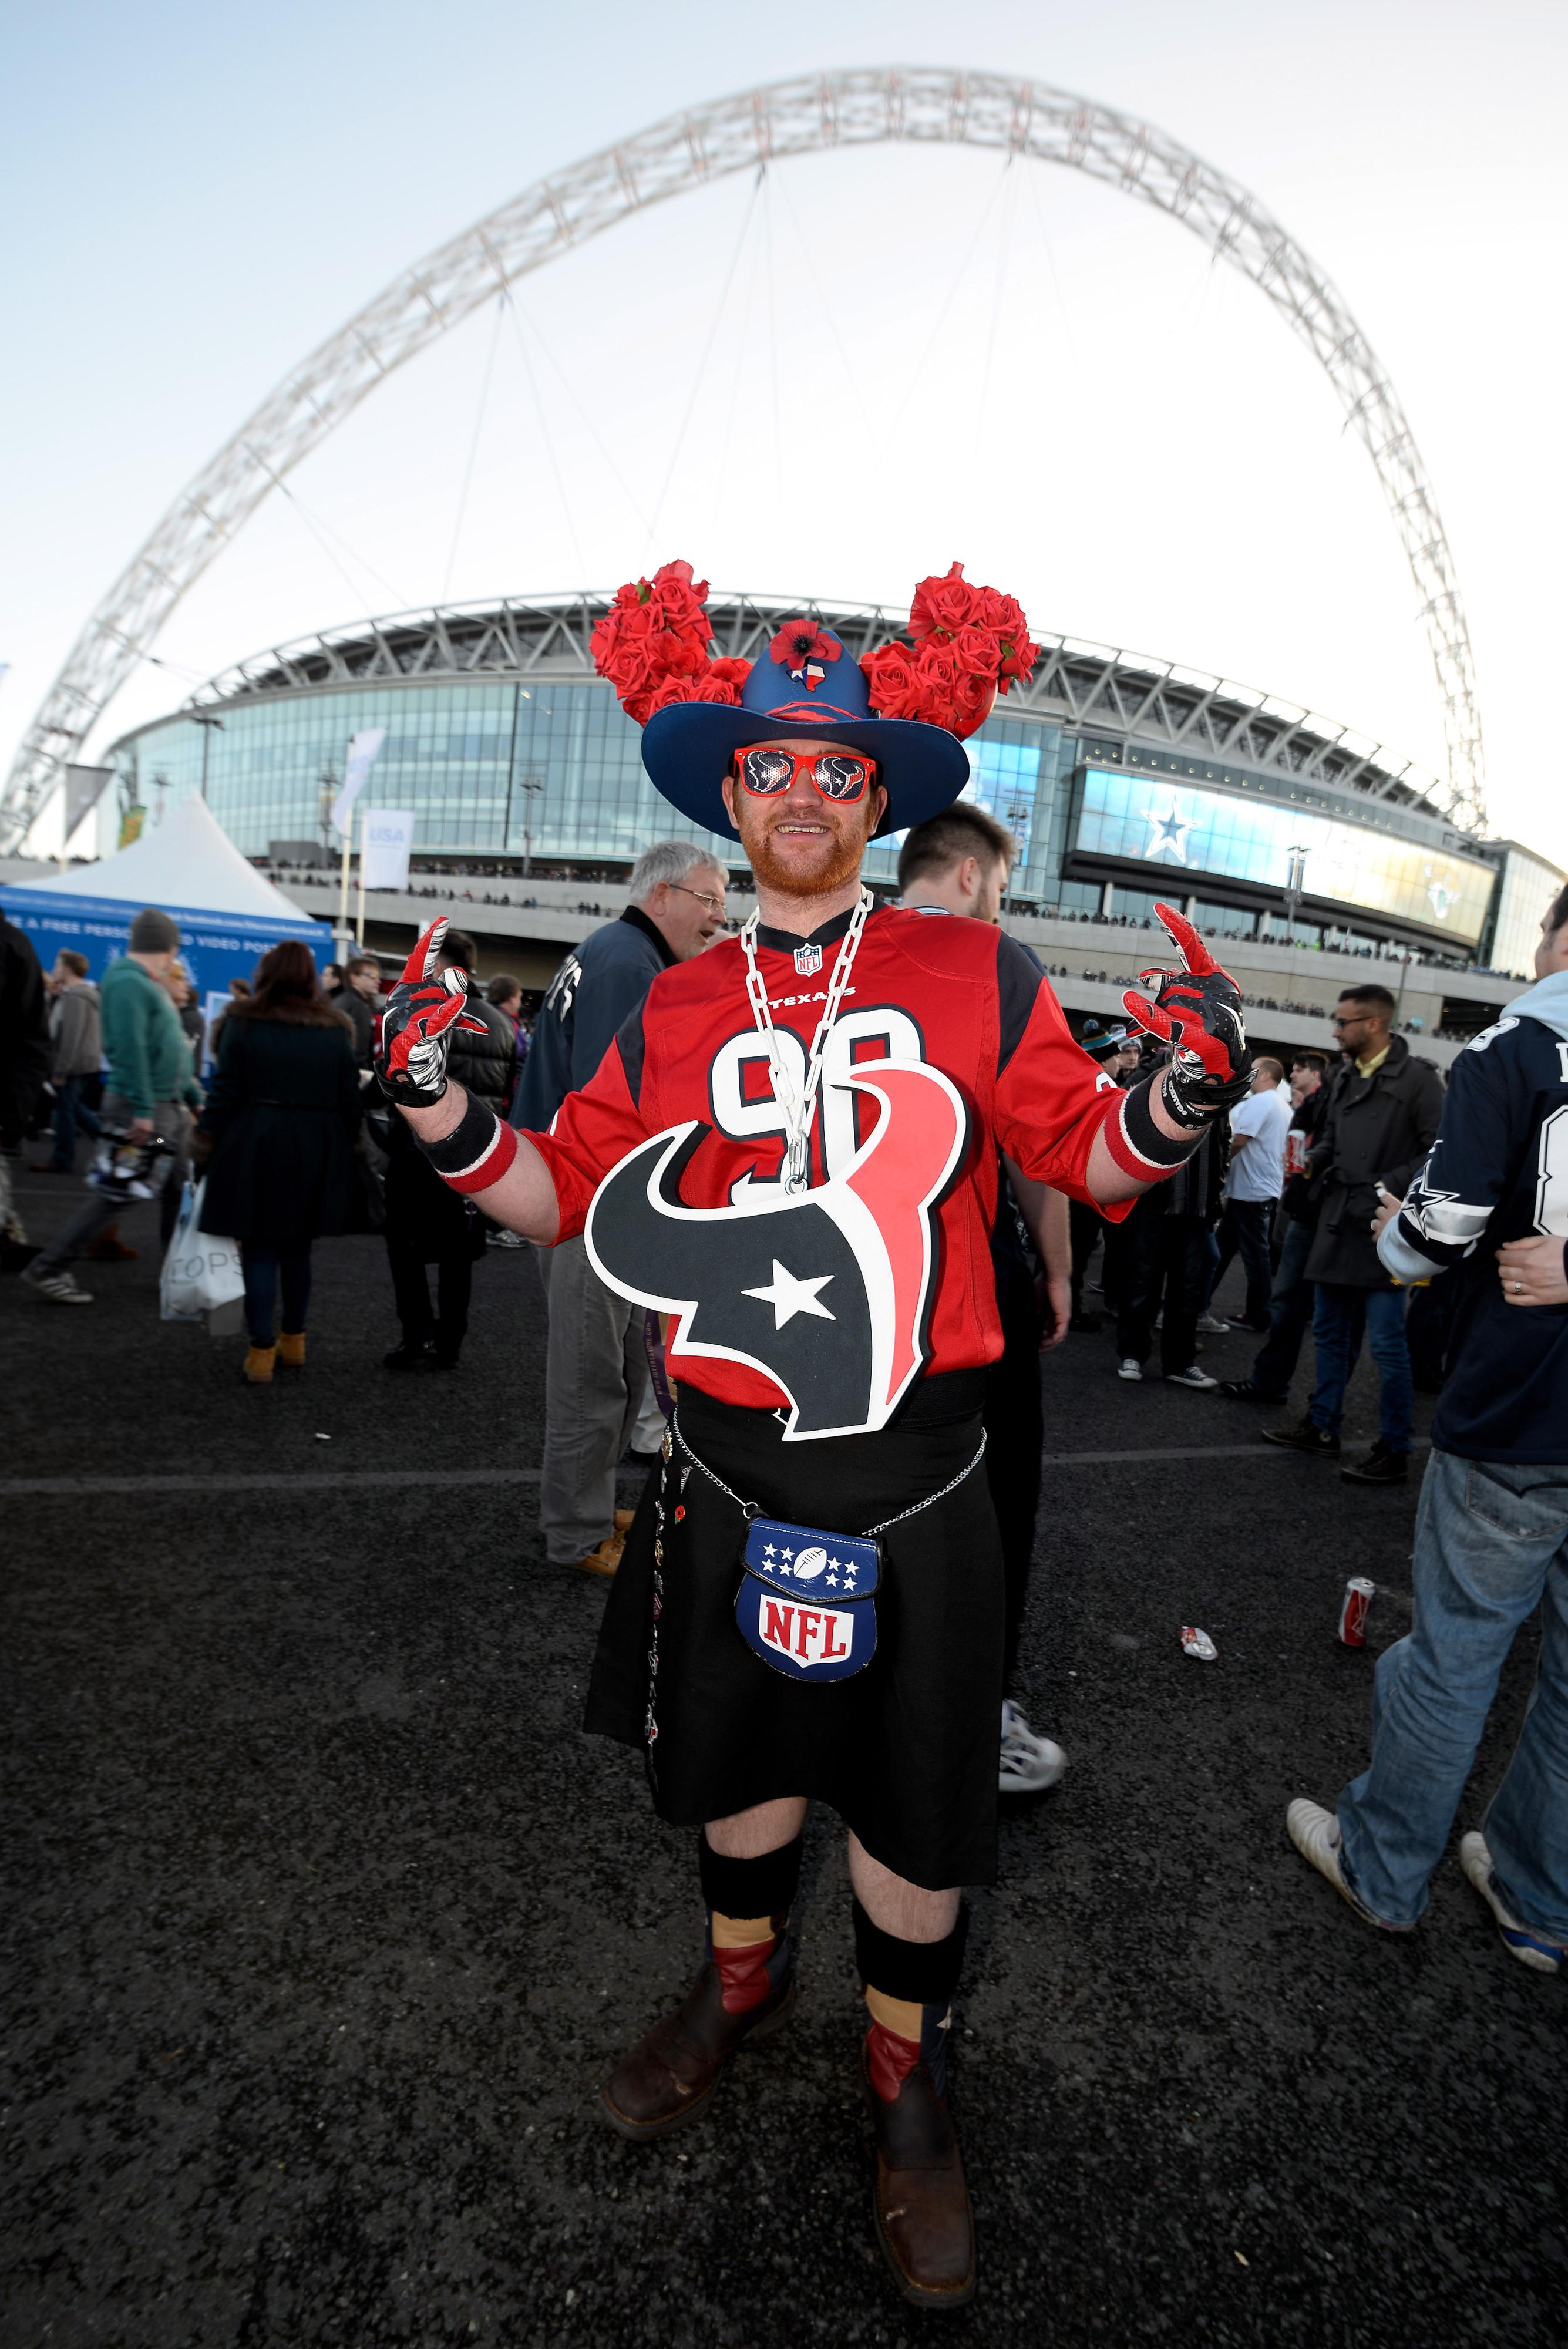 A Texans' fan in London!